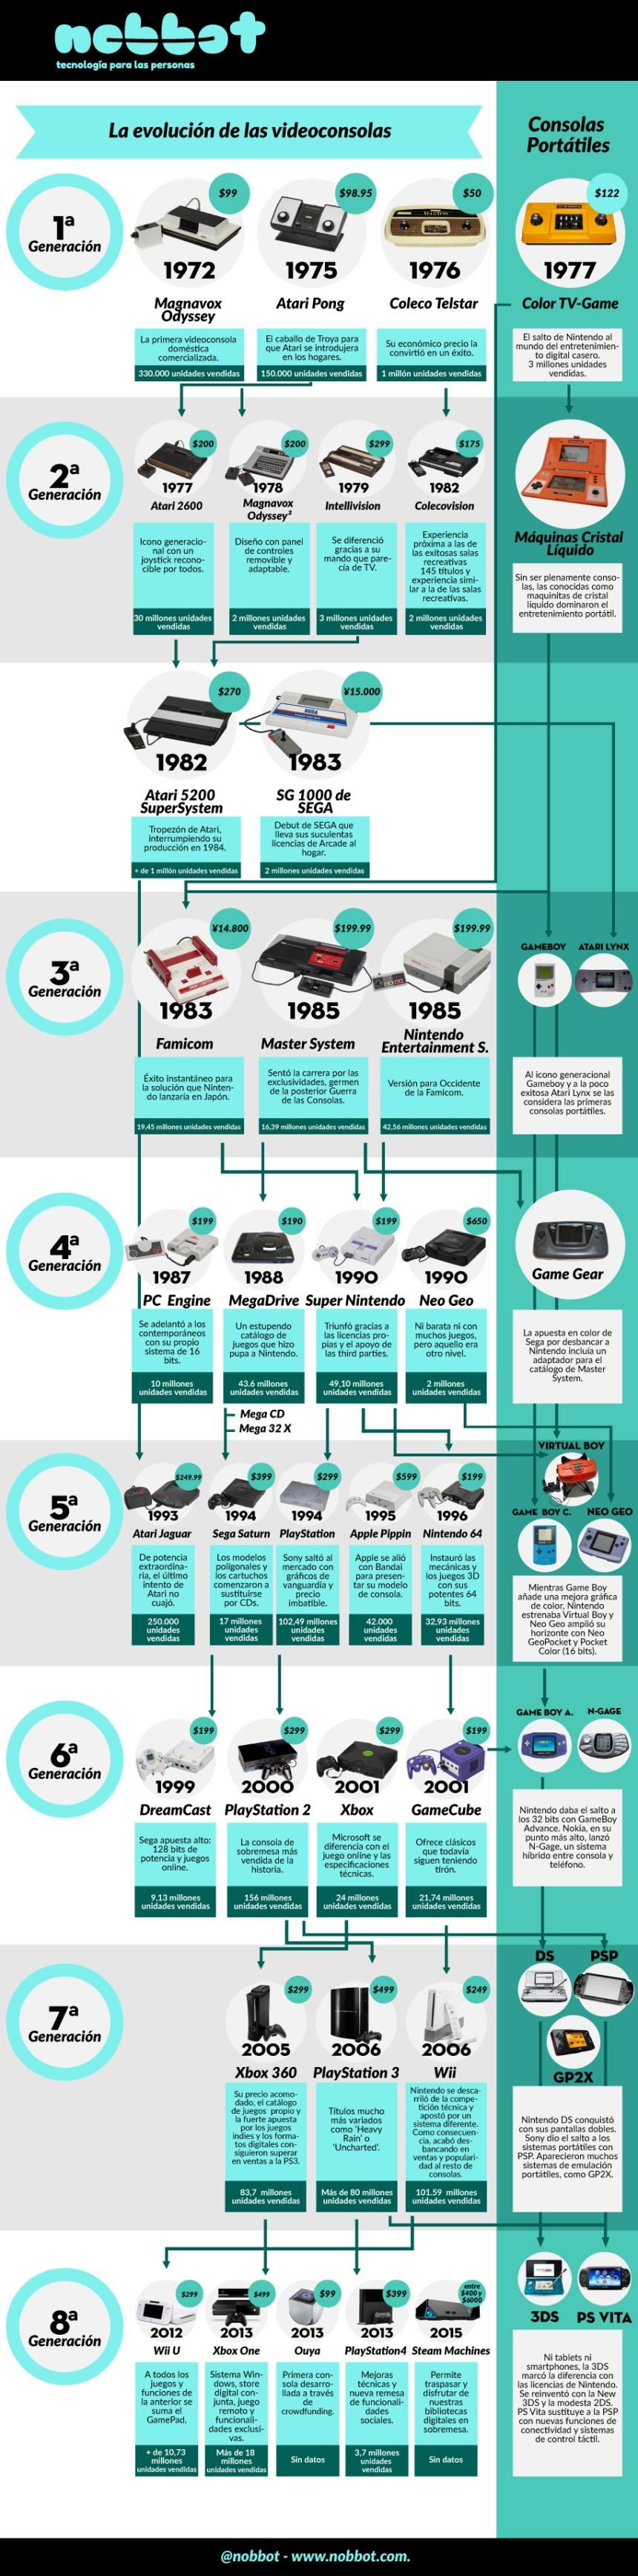 Evolución de las videoconsolas